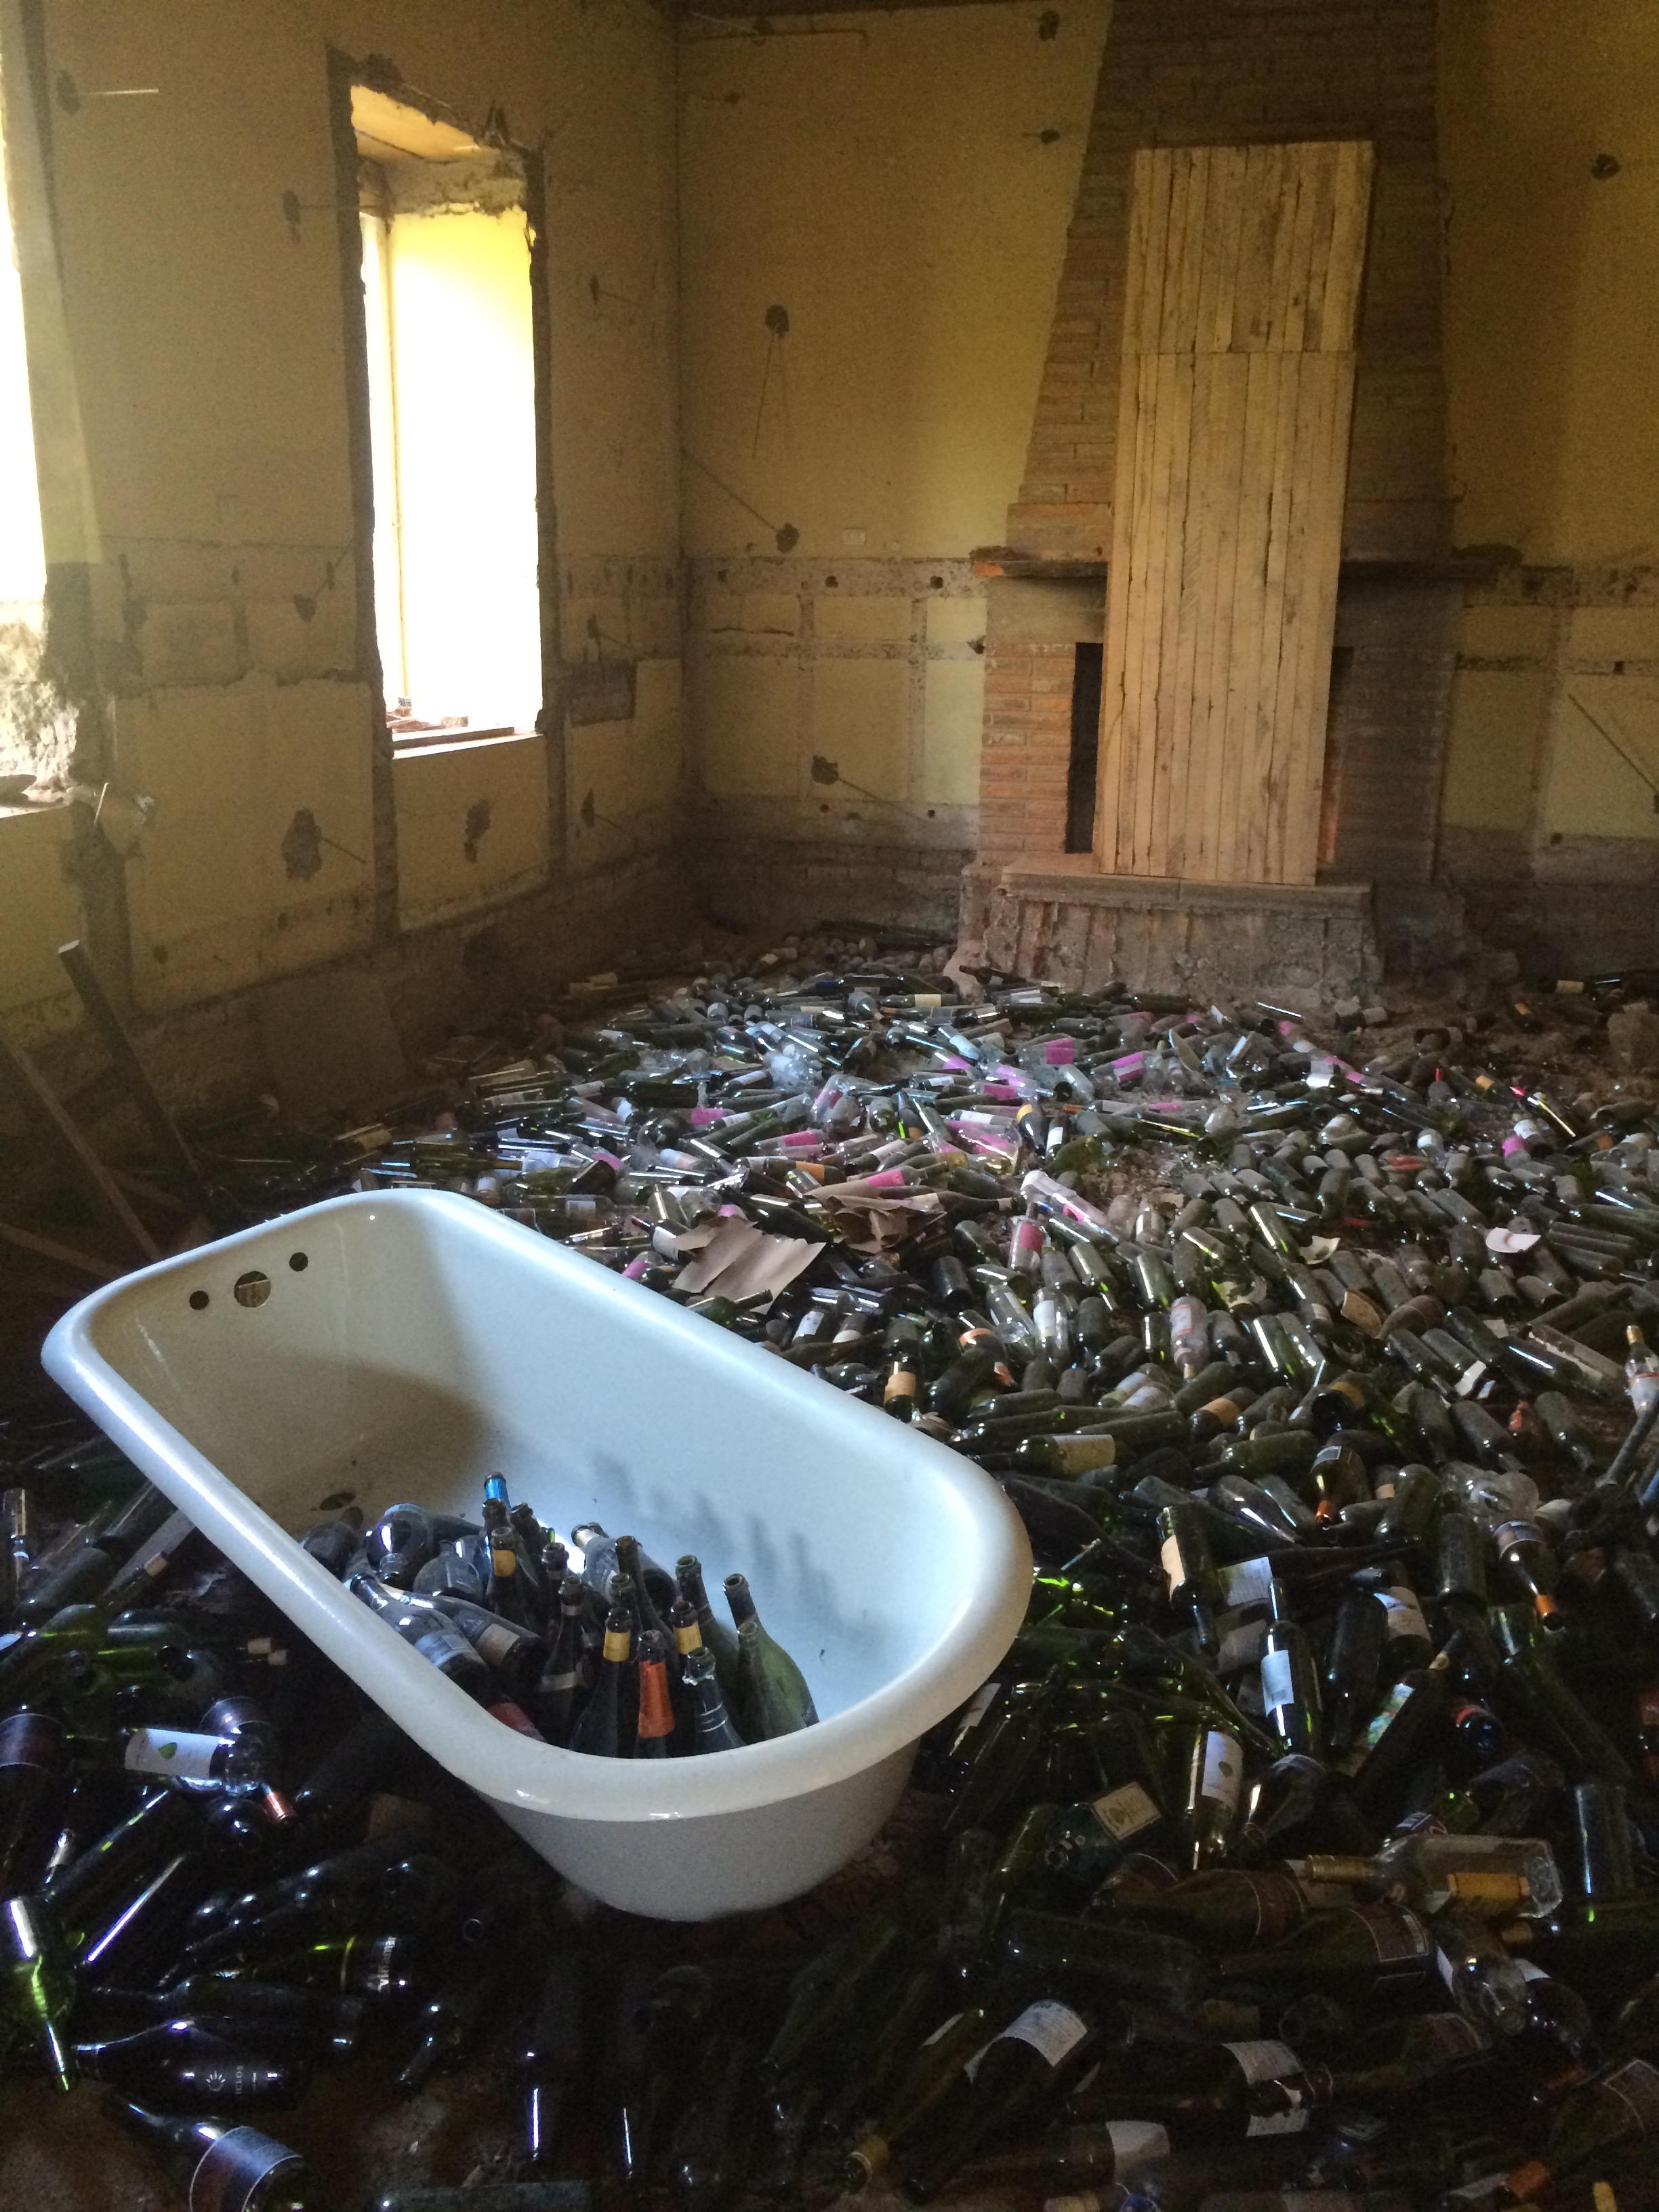 de nieuwe fundering voor de slaapkamer van luiz. Slapen op herinneringen!